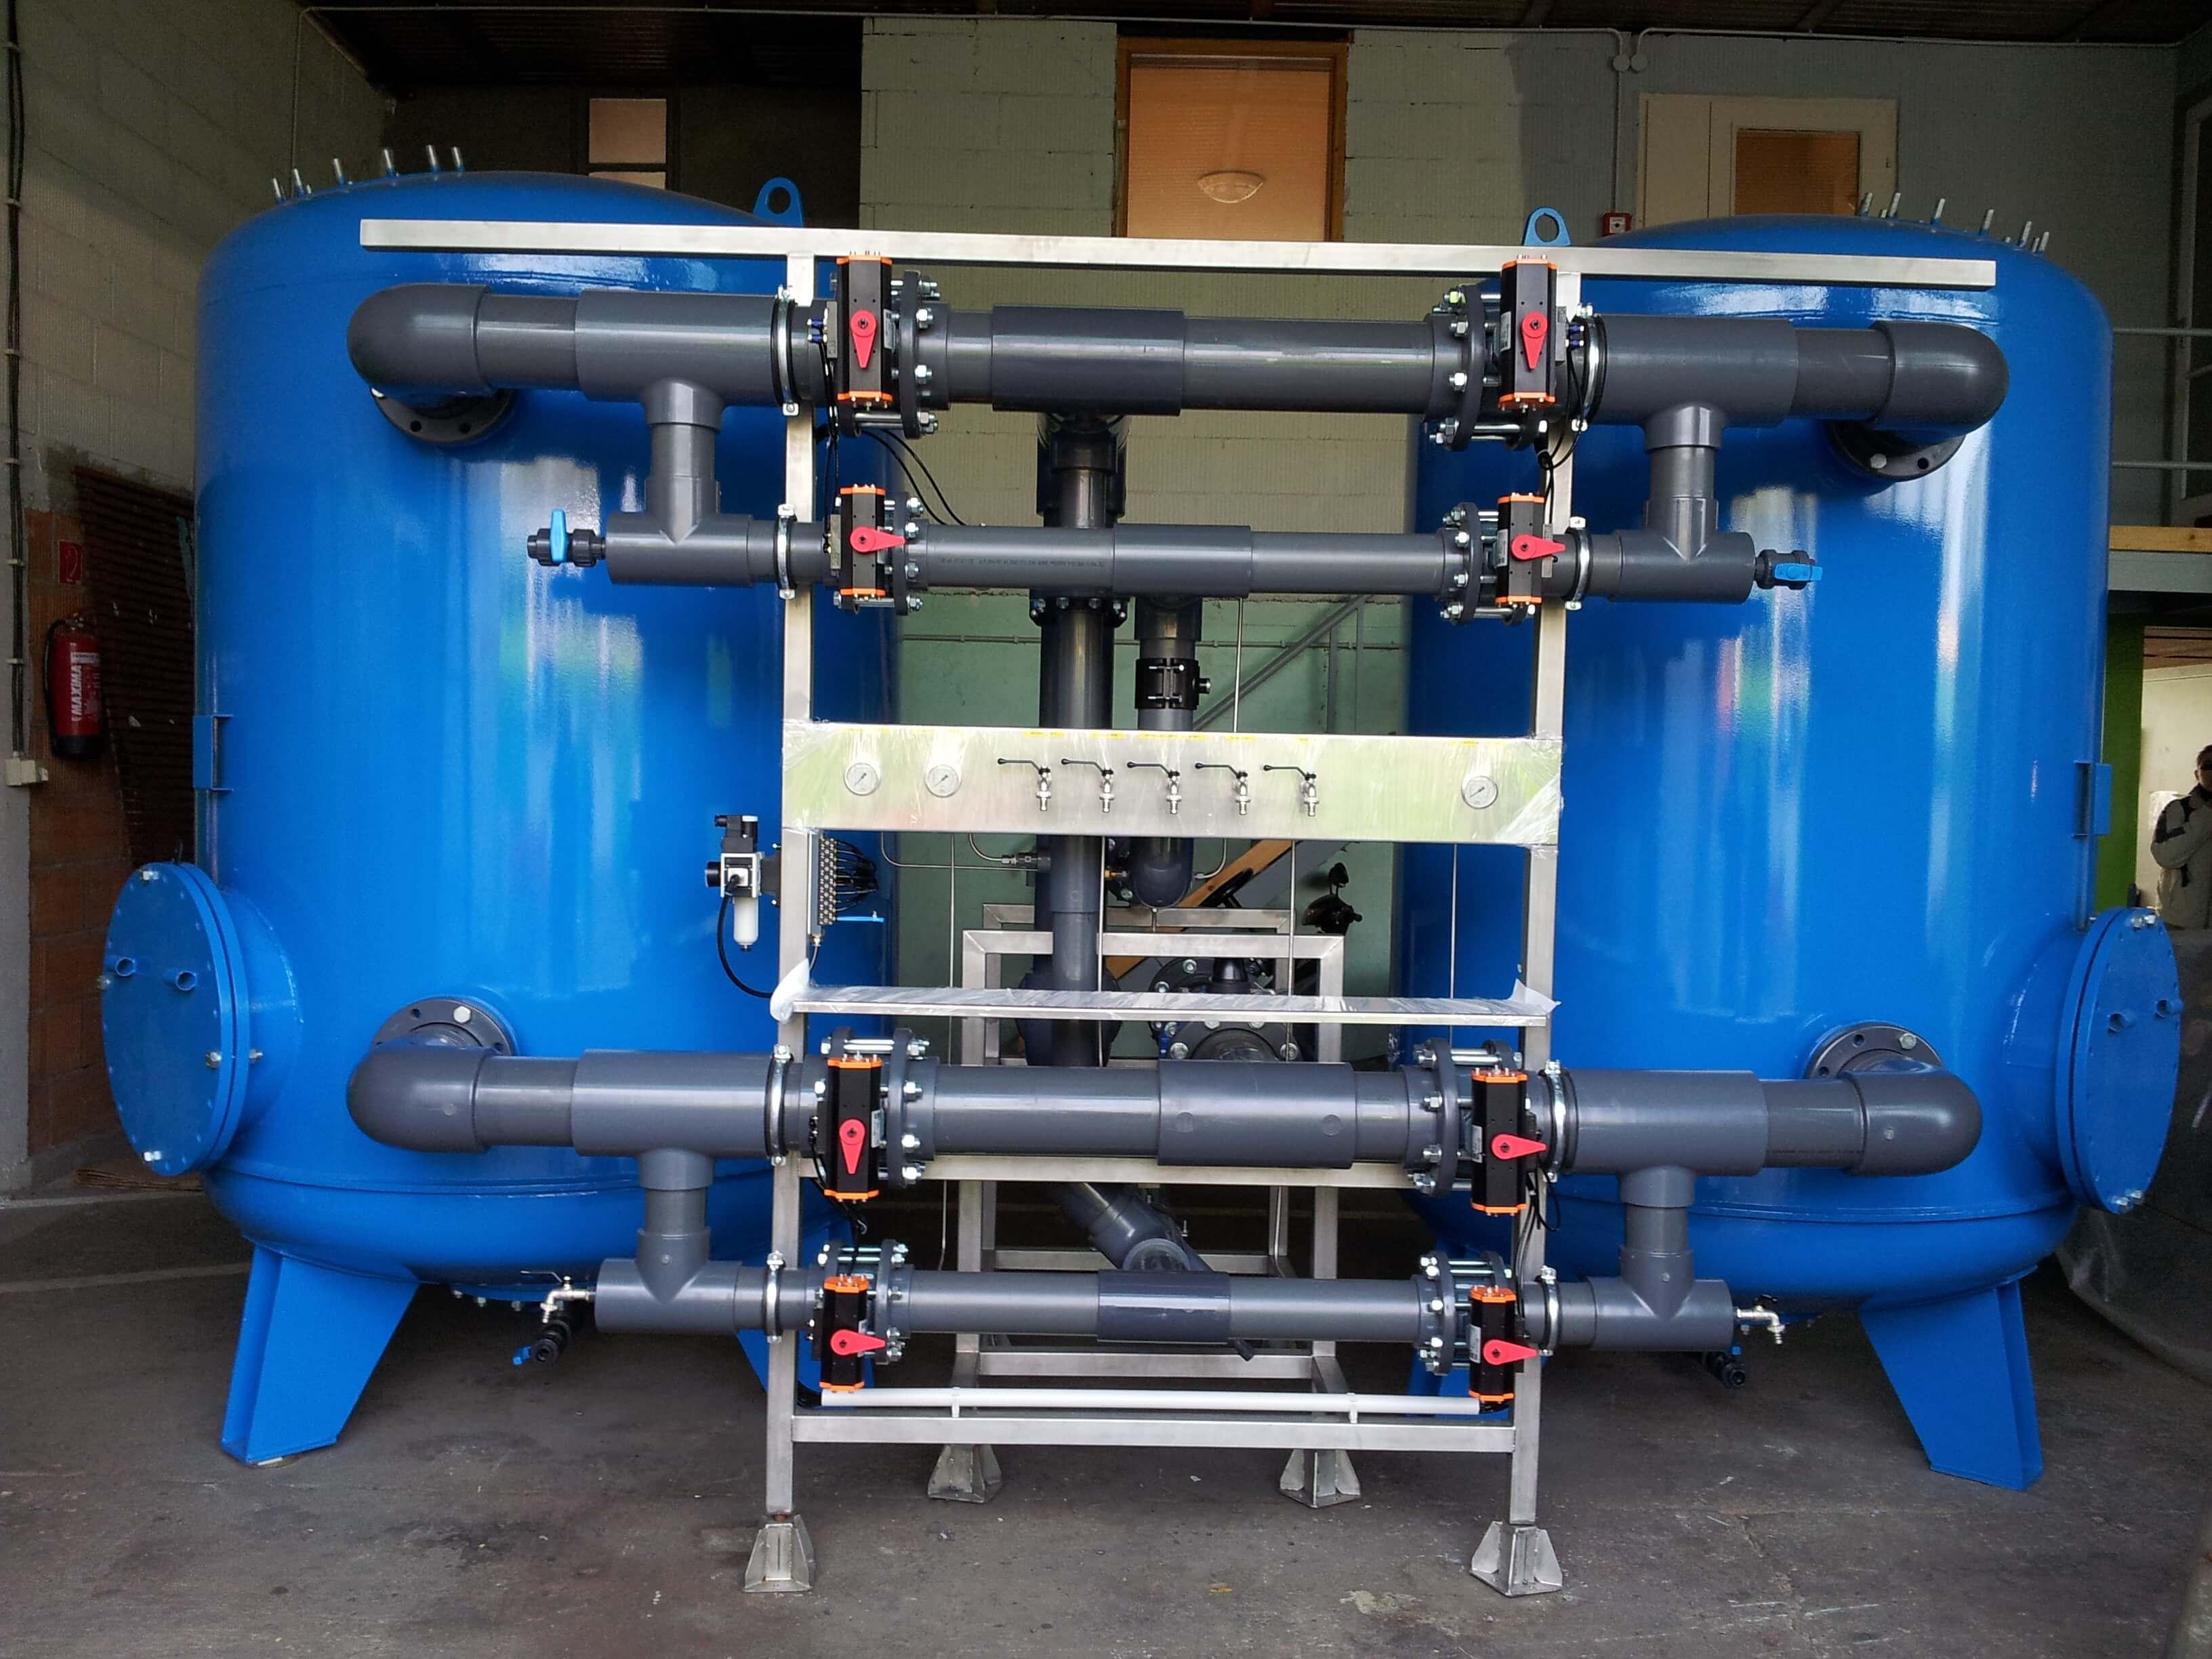 Mobil vízkezelő berendezés